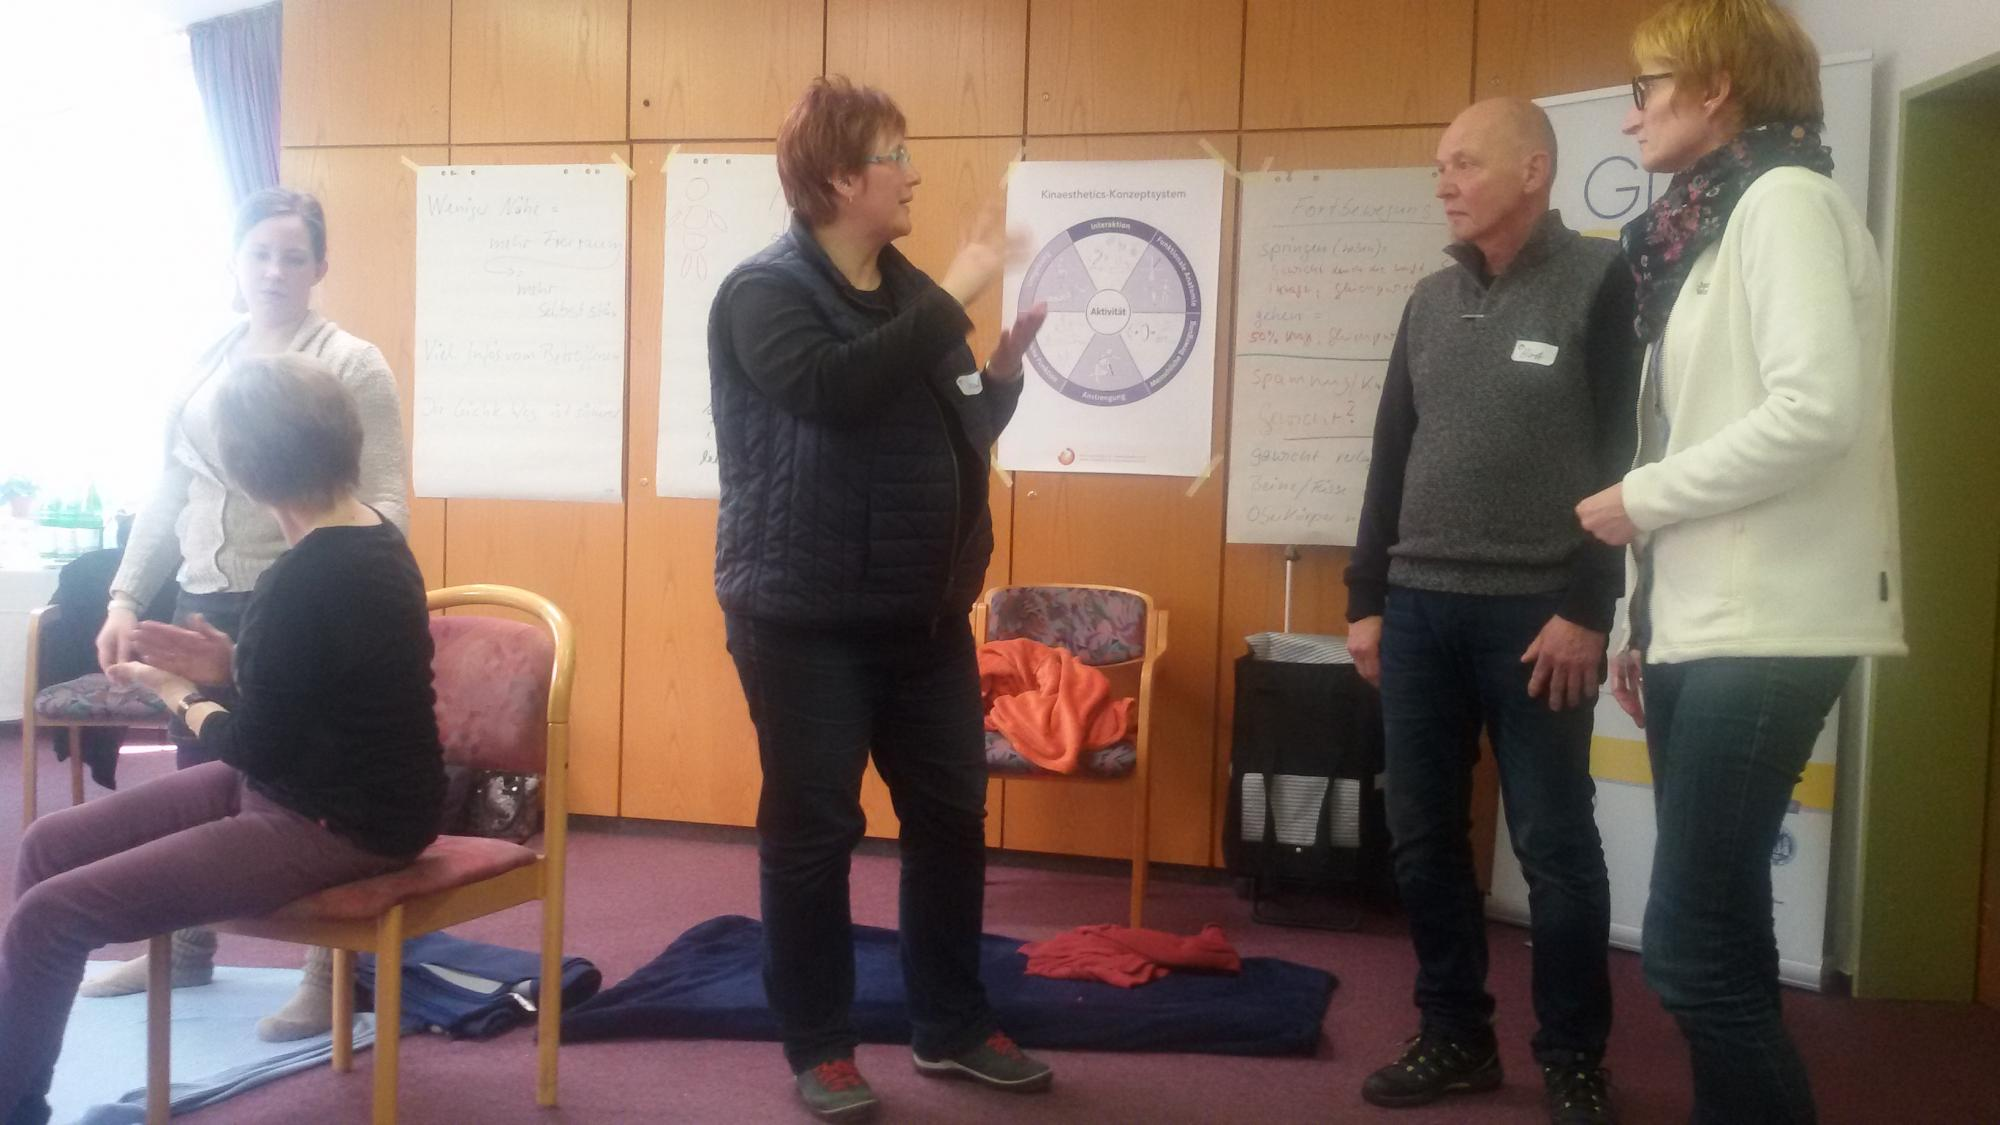 Angeregte Diskussion zwischen den Teilnehmern